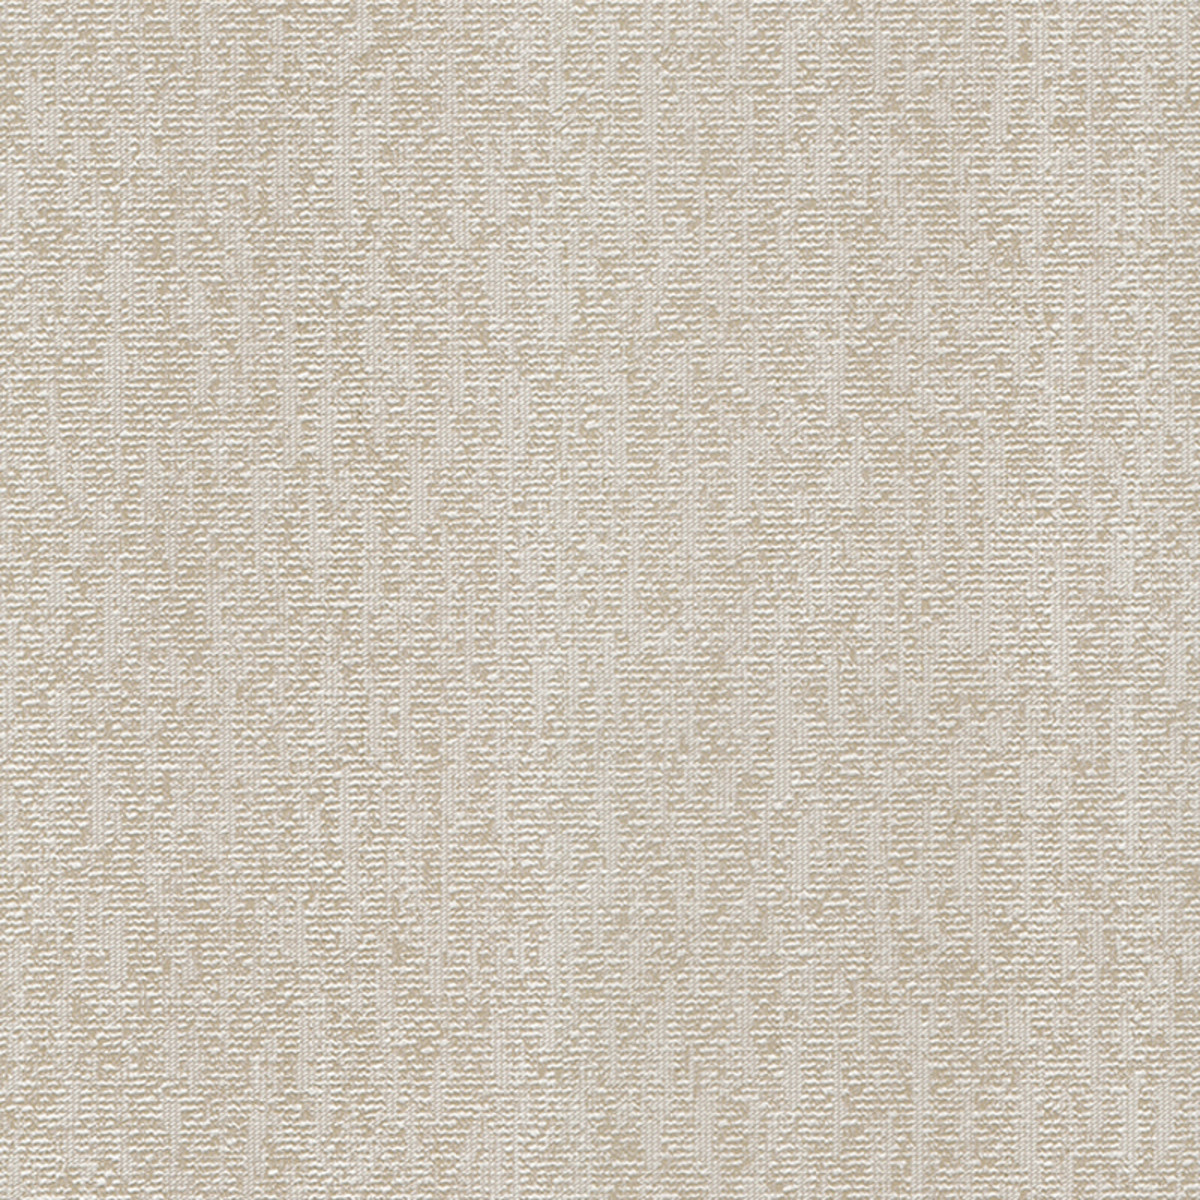 Обои виниловые С.Л.Г. серые 0.53 м 2-0882